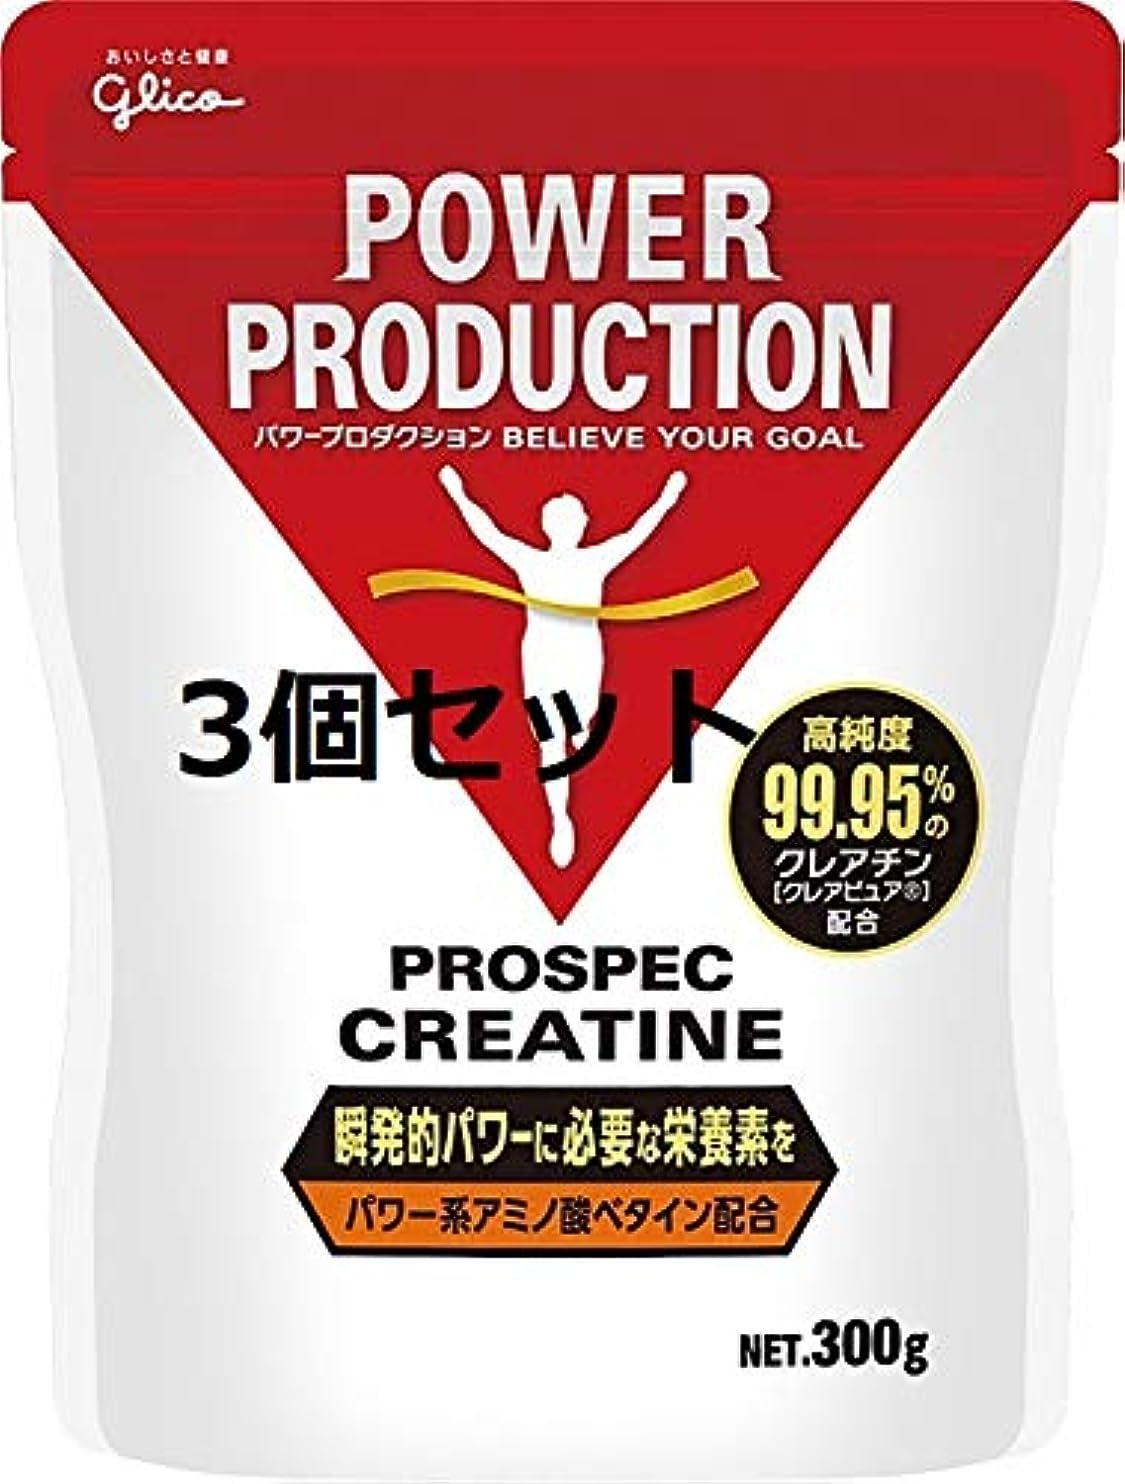 下向きレンジ囲い【3個セット】グリコ アミノ酸プロスペッククレアチンパウダー PROSUPEC CREATINE 300g Glico